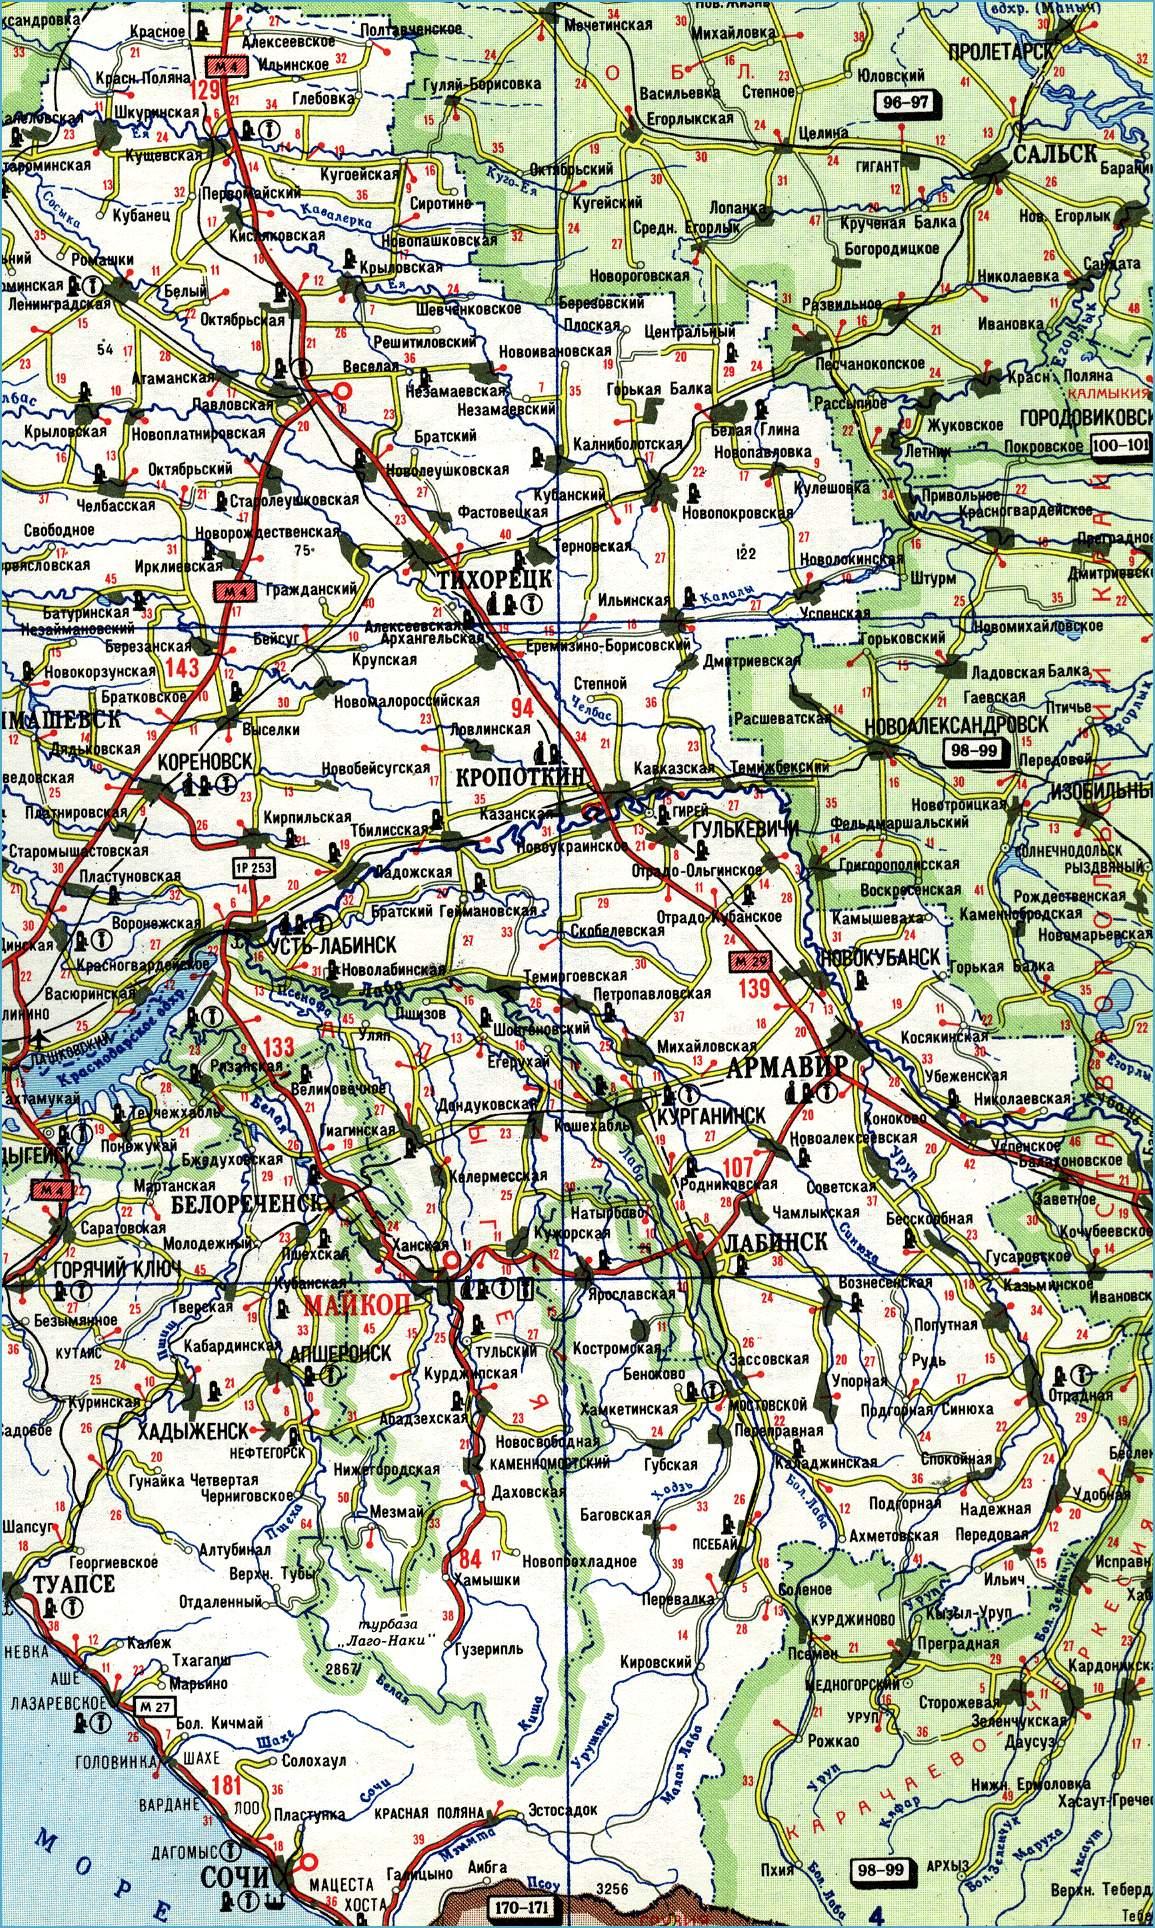 Aтлас Краснодарского края (Республика Адыгея).  Подробная карта автомобильных дорог Краснодарского края.